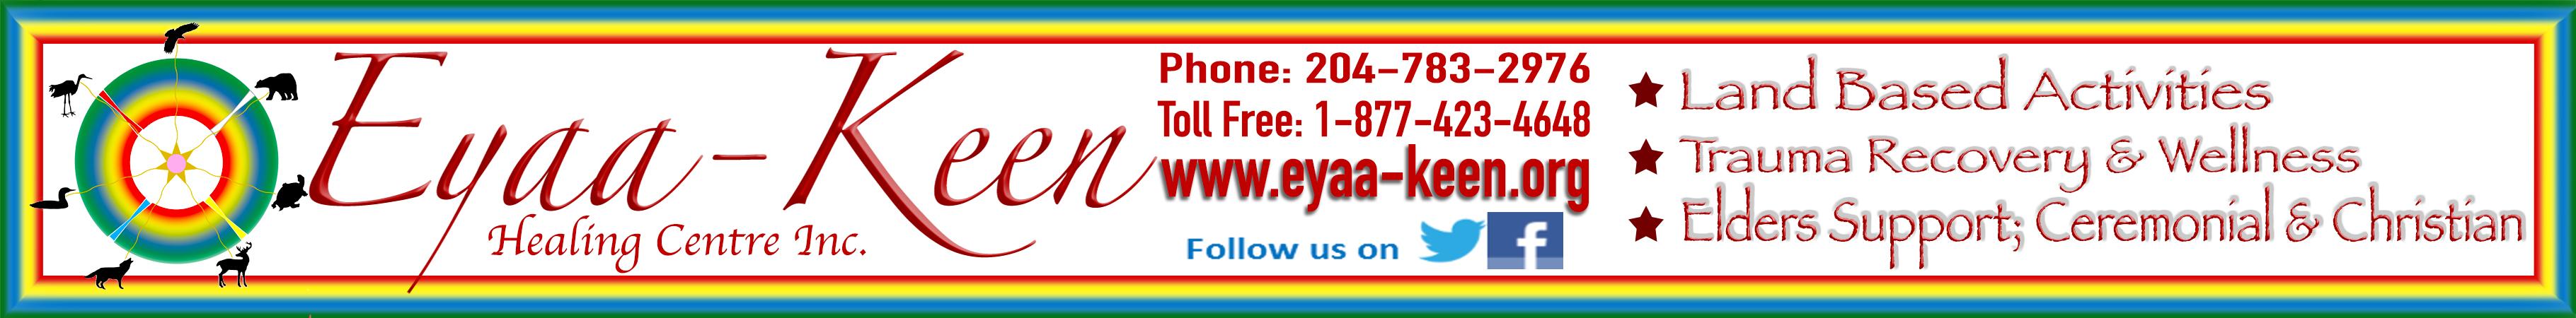 http://eyaa-keen.org/